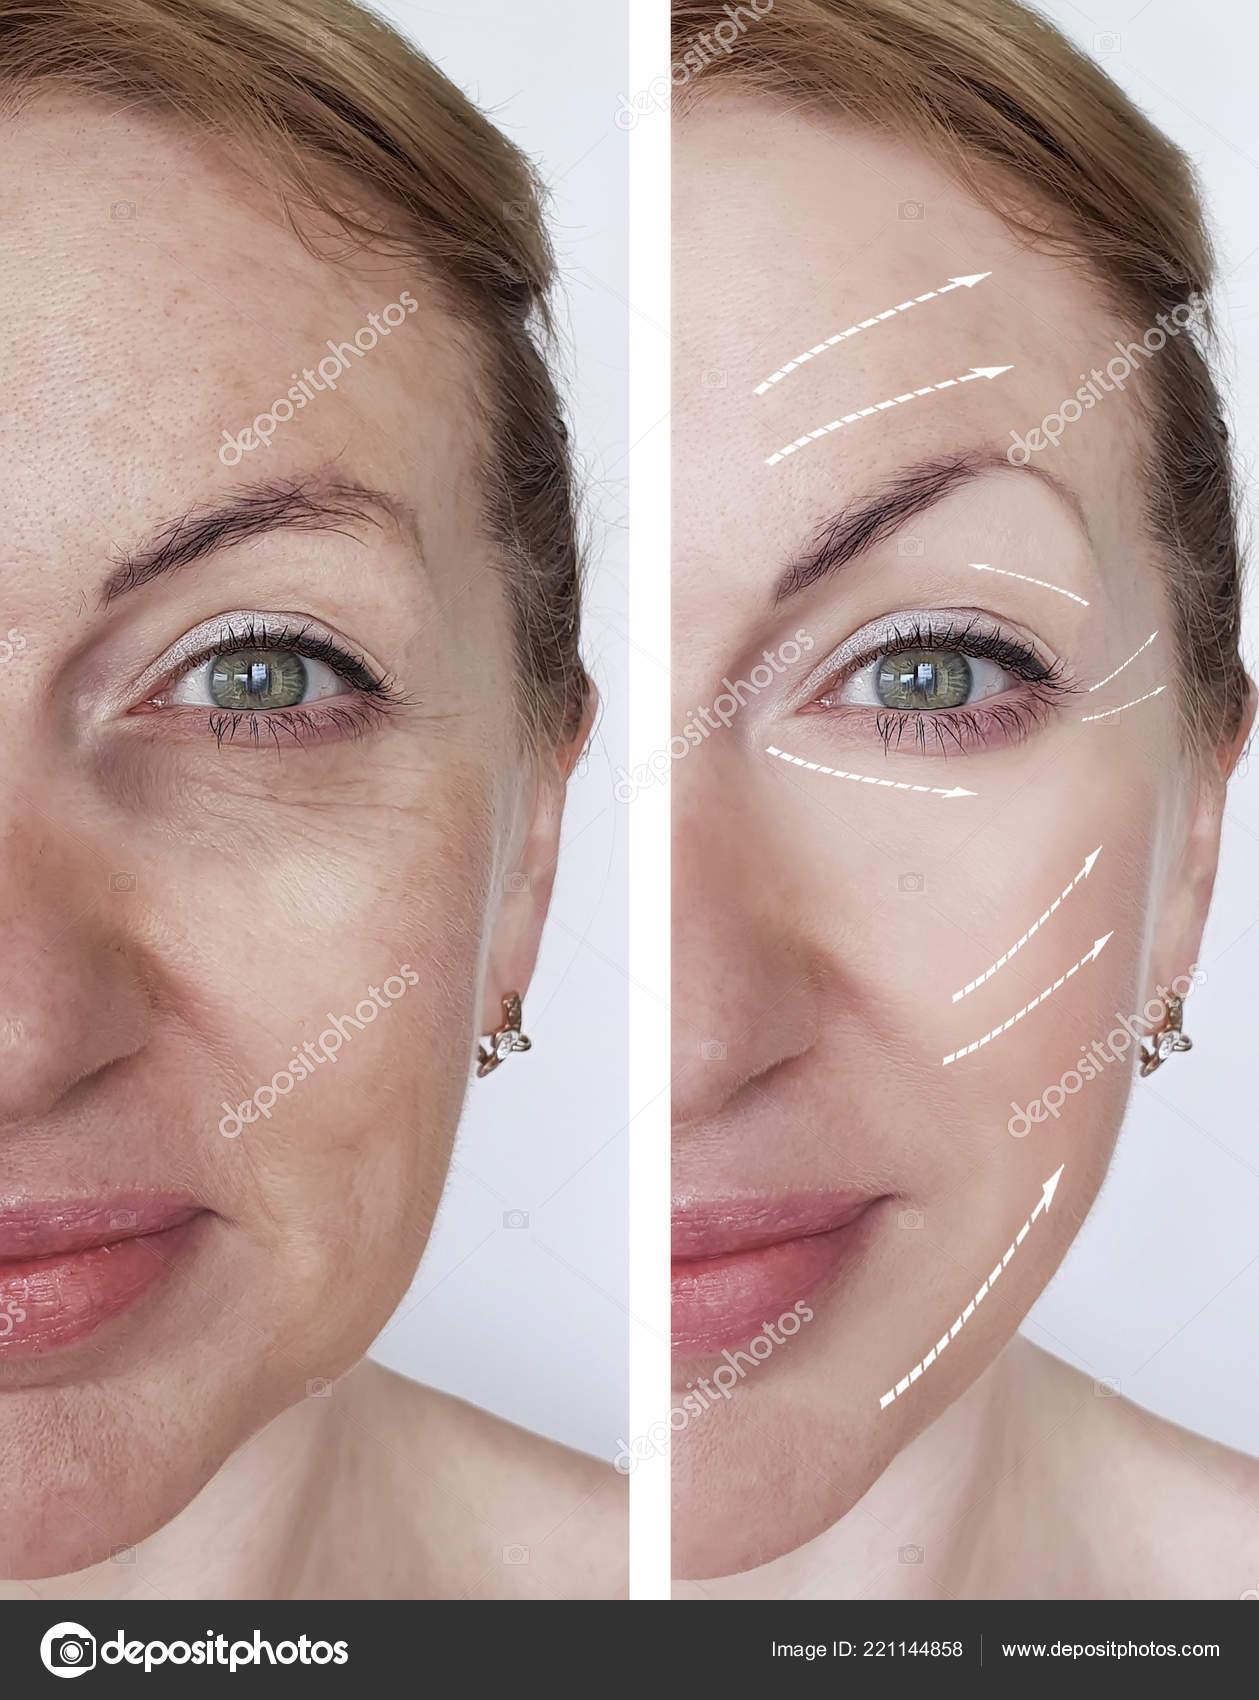 09e0e51a3874 Frau Falten Gesicht Vor Und Nach Verfahren — Stockfoto © TanyaLovus ...